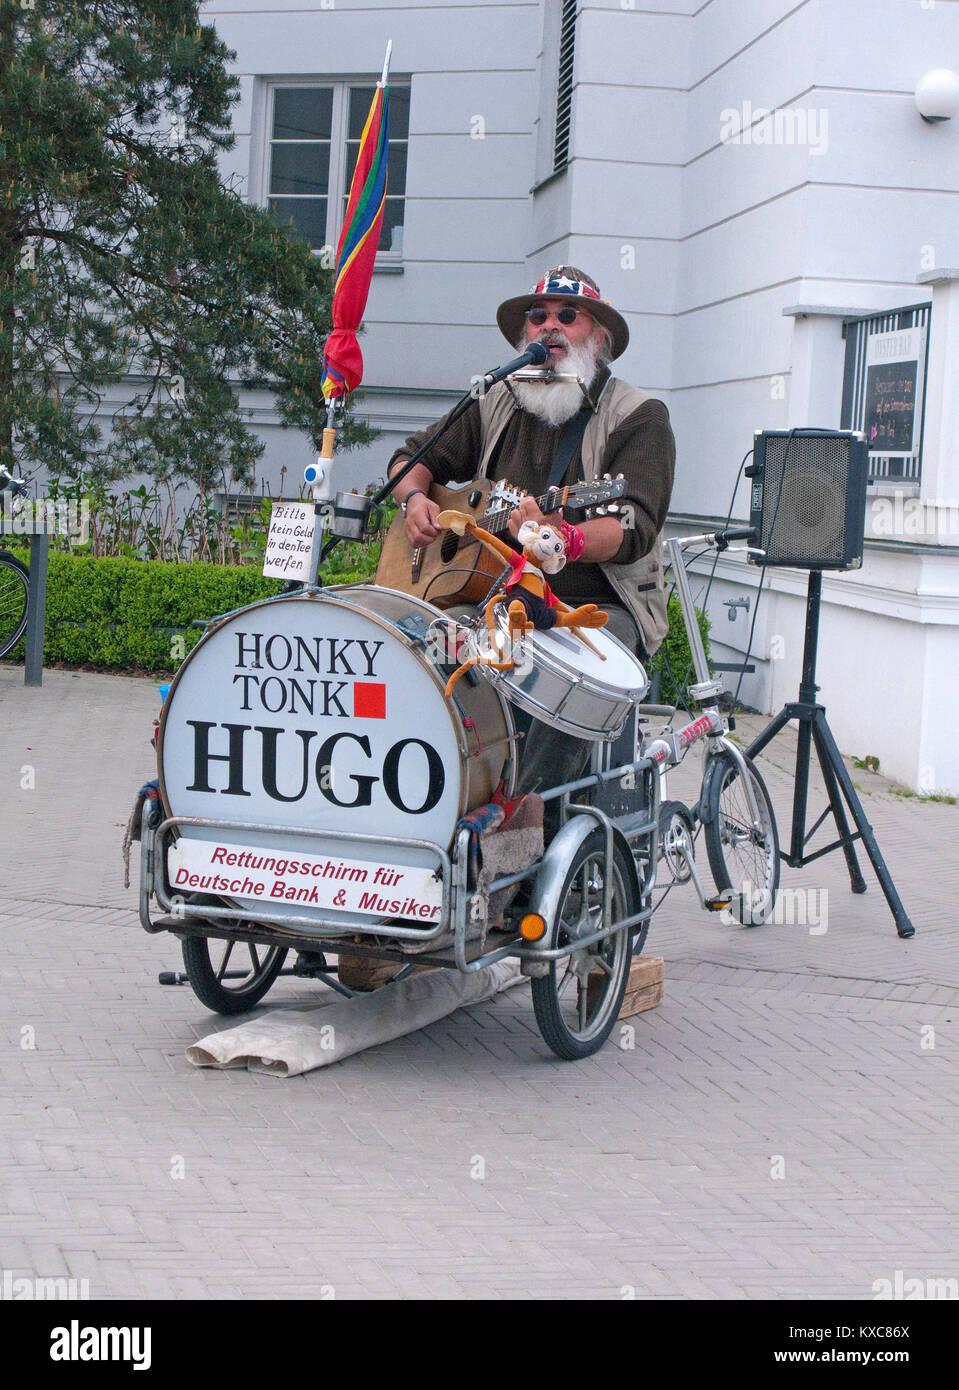 """Street Musiker"""" Honk Tonk Hugo"""" in der Fußgängerzone von Zingst, Fishland, Mecklenburg-Vorpommern, Ostsee, Deutschland, Europa Stockfoto"""